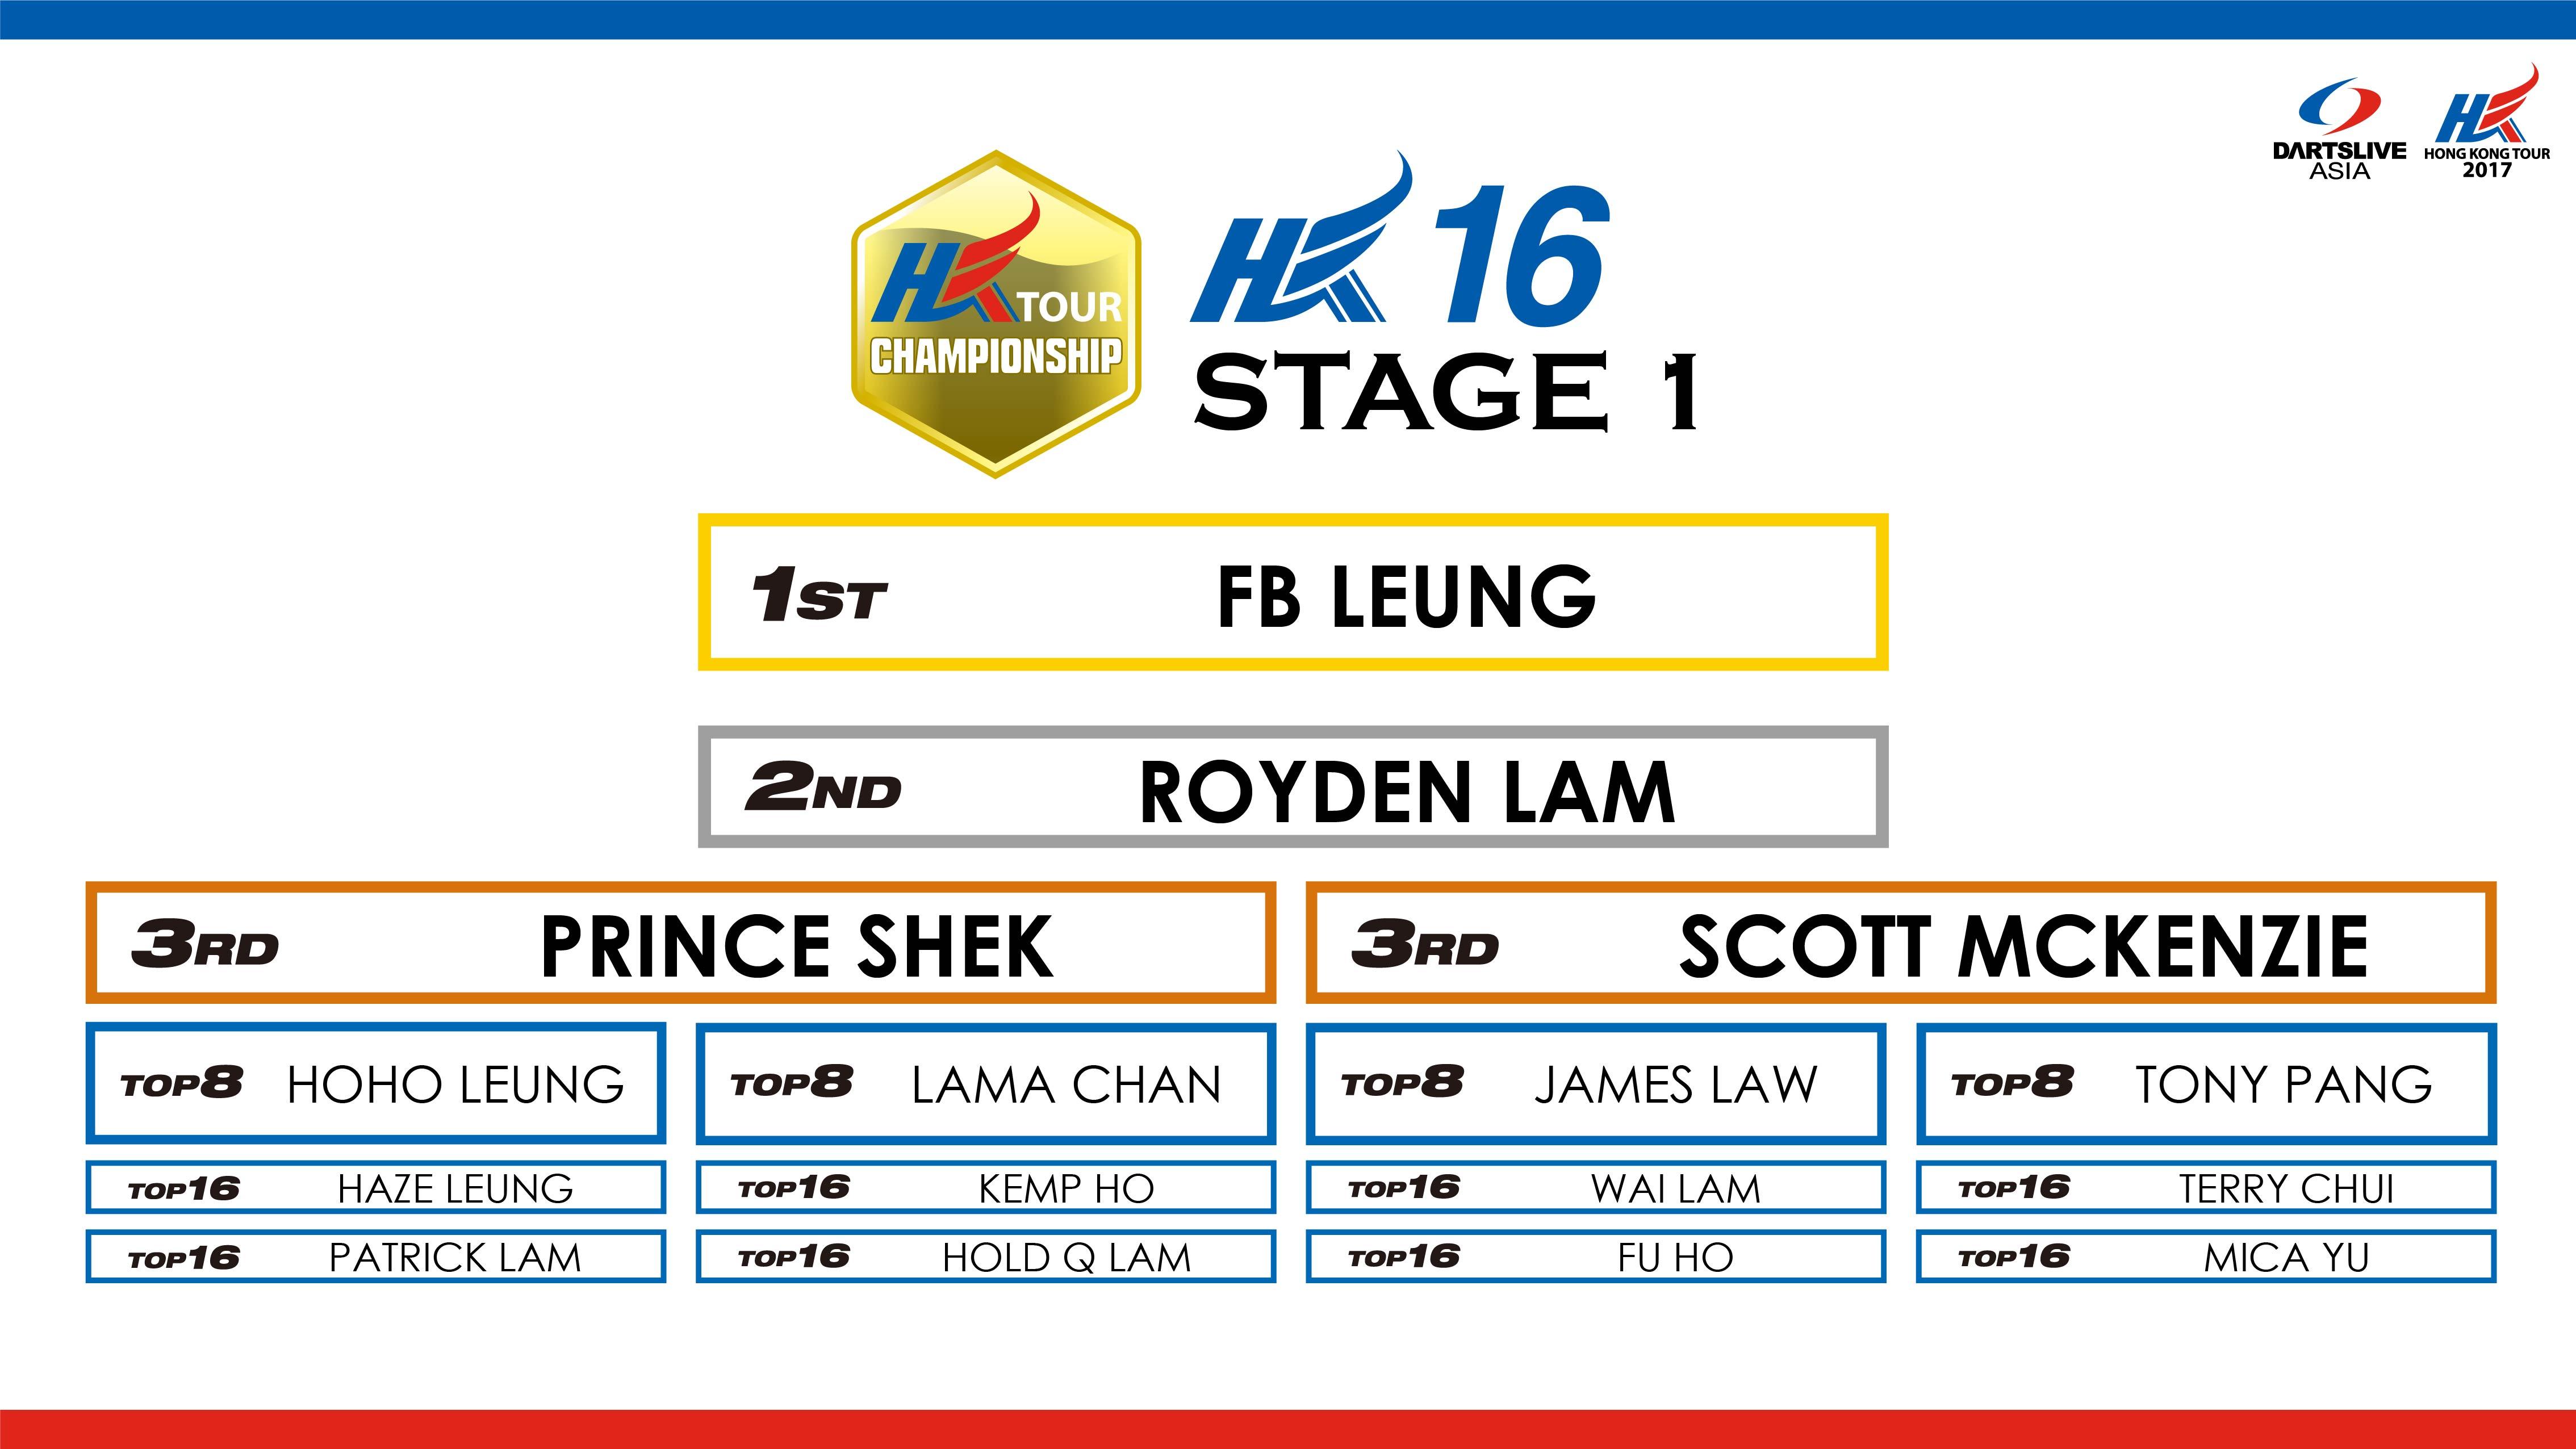 HKTCS_2017_sns_stage1_HK16_result